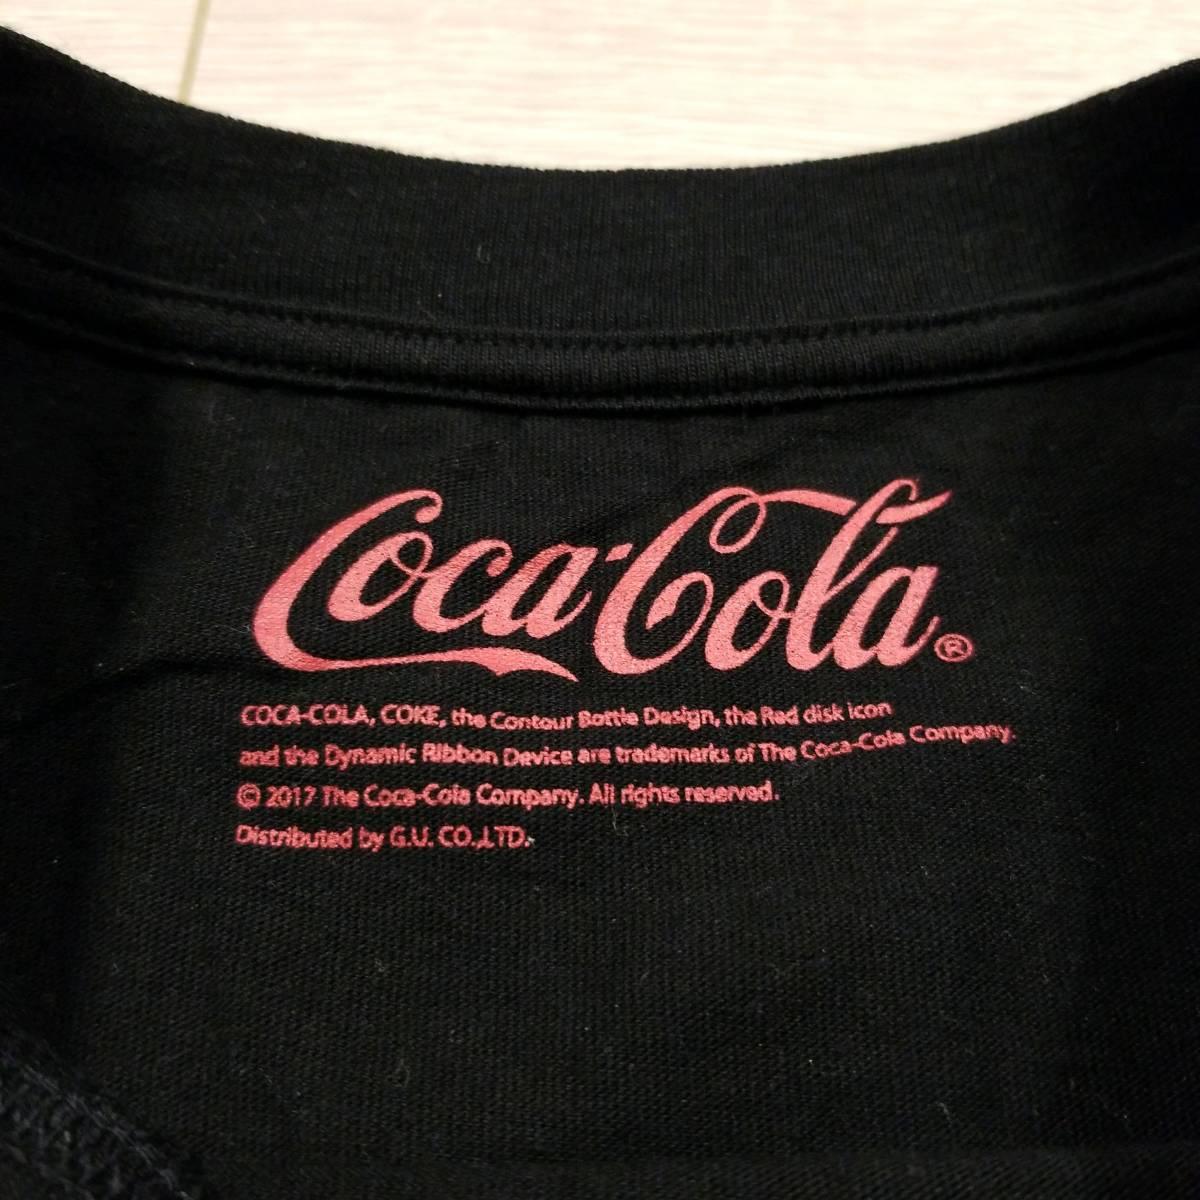 K218 GU ジーユー コカ・コーラ Tシャツ M レディース 半袖 カットソー ロゴ 黒系 綿100% コットン..